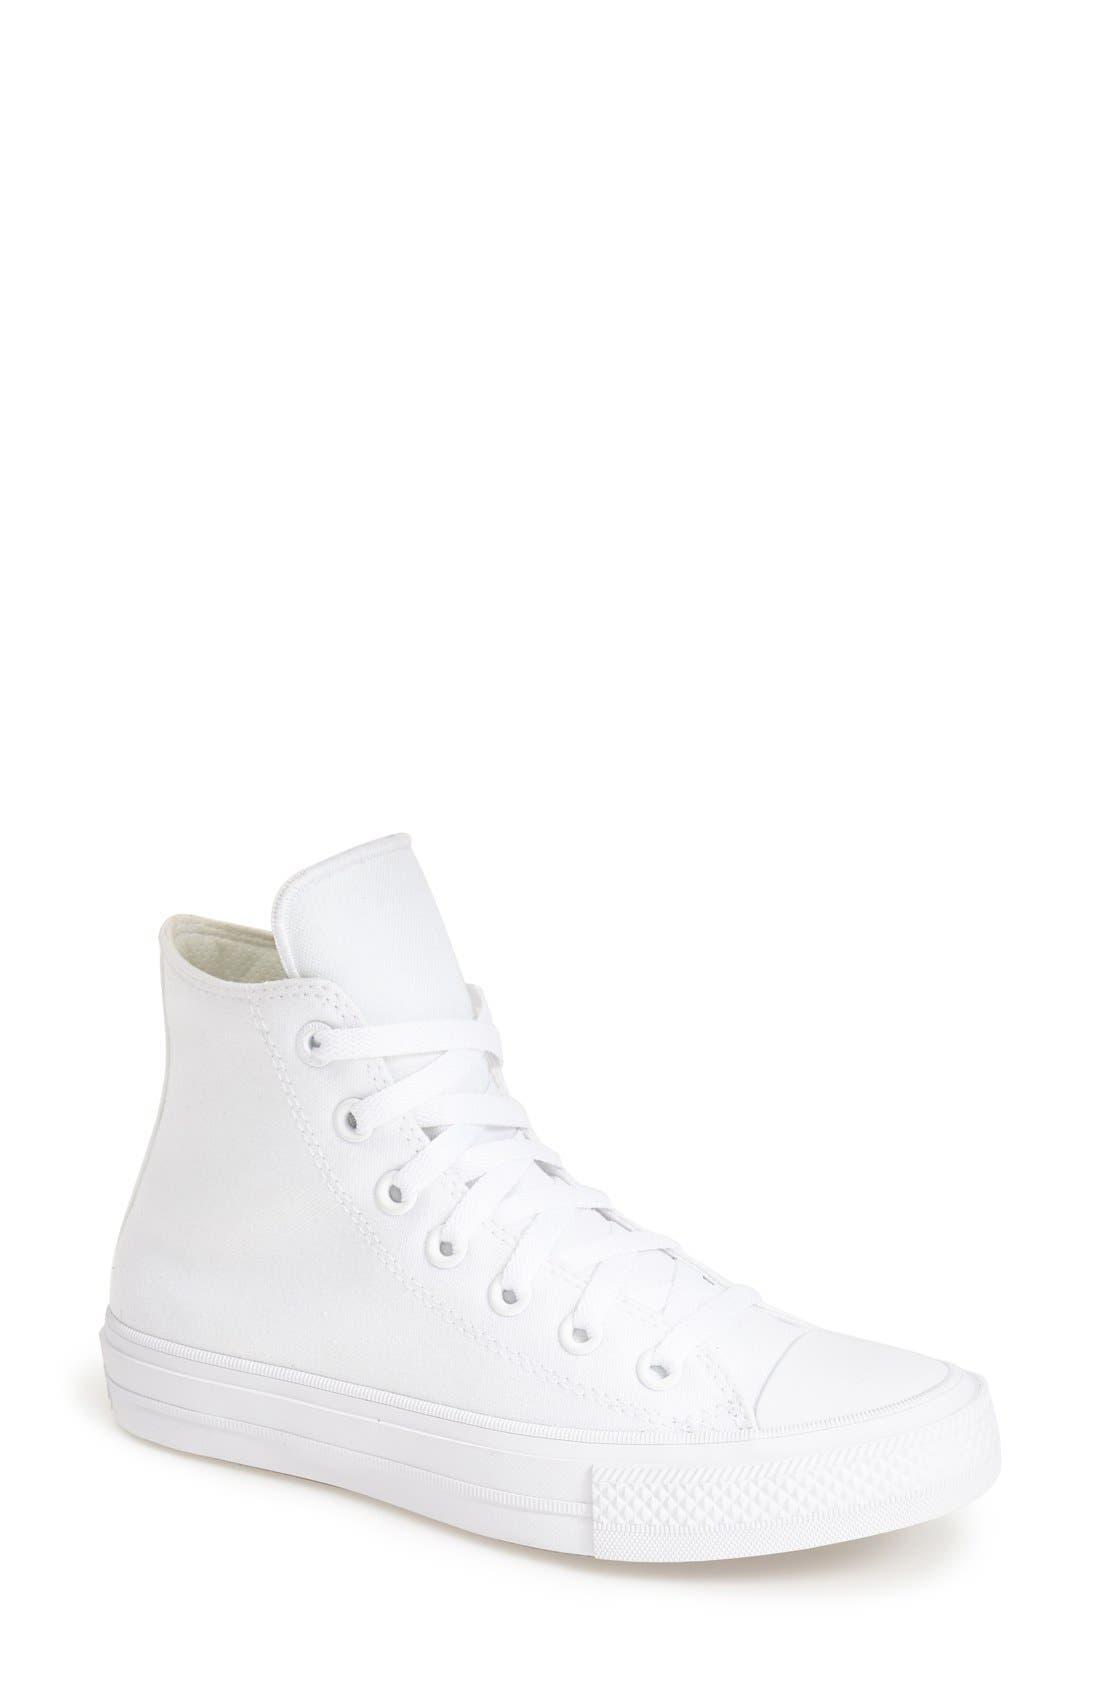 Main Image - Converse Chuck Taylor® All Star® 'Chuck II' High Top Sneaker (Women)